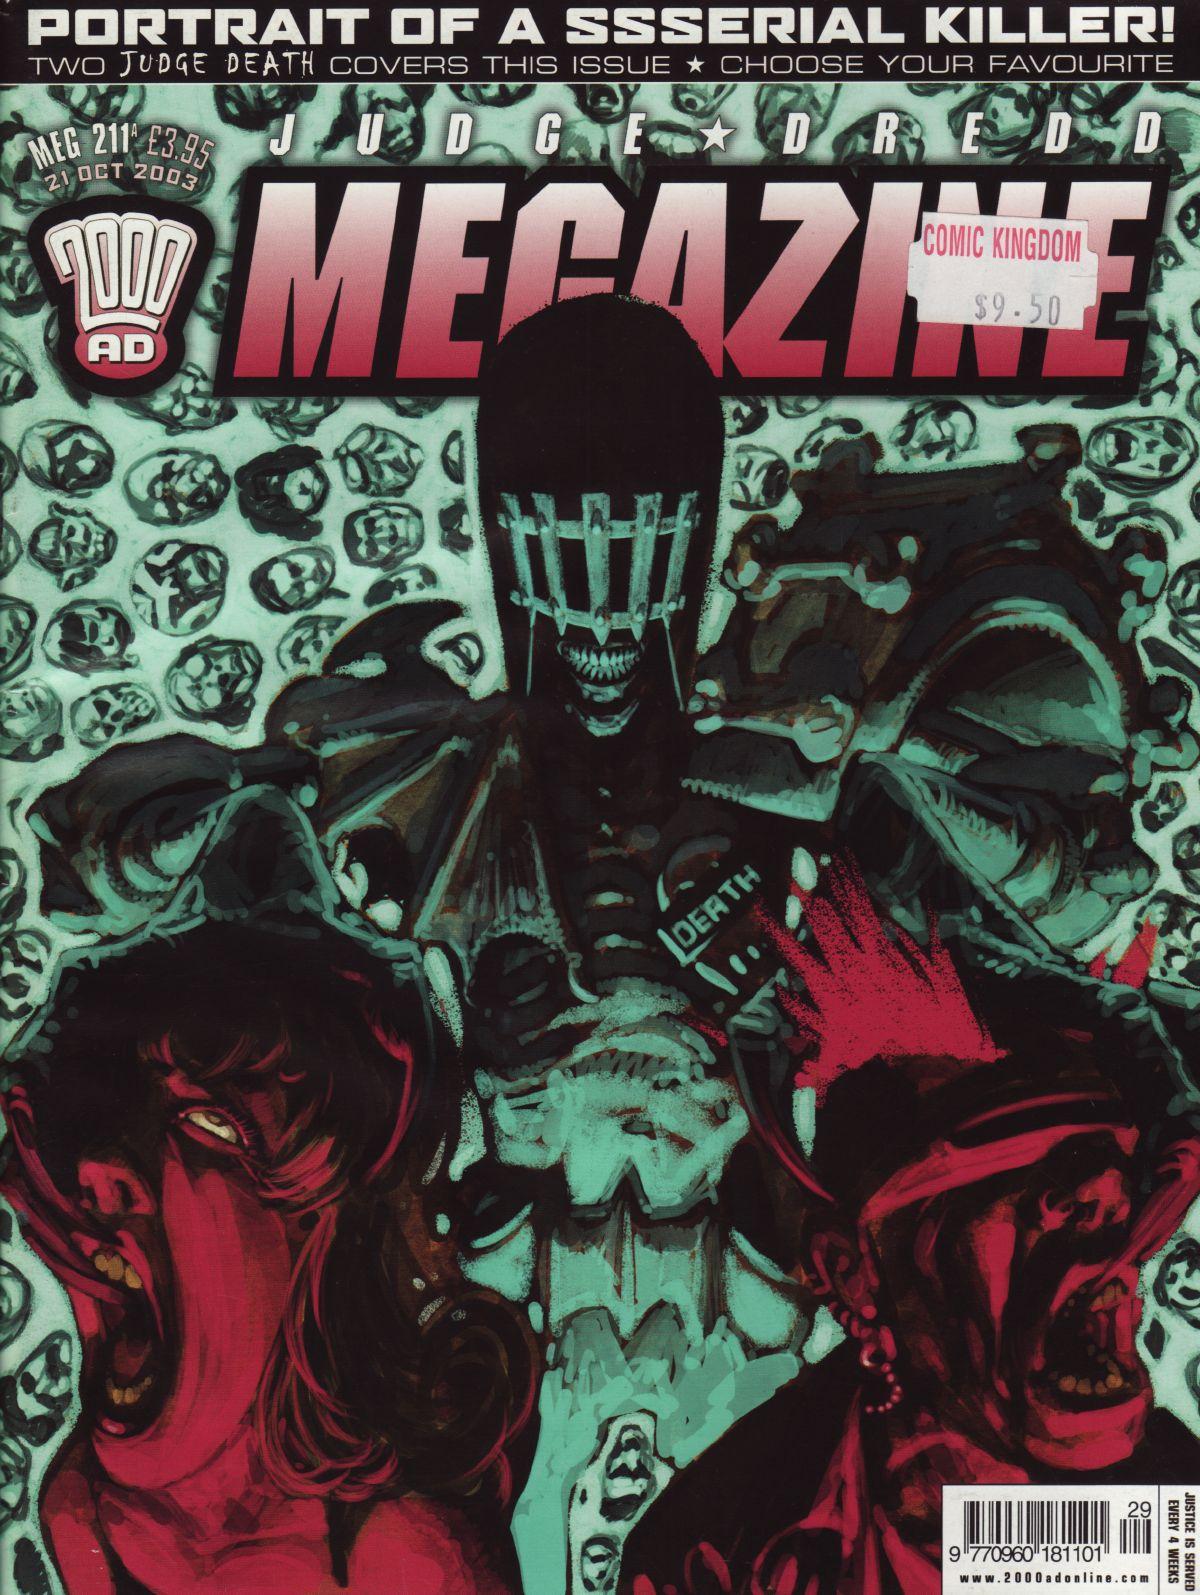 Judge Dredd Megazine (Vol. 5) 211 Page 1